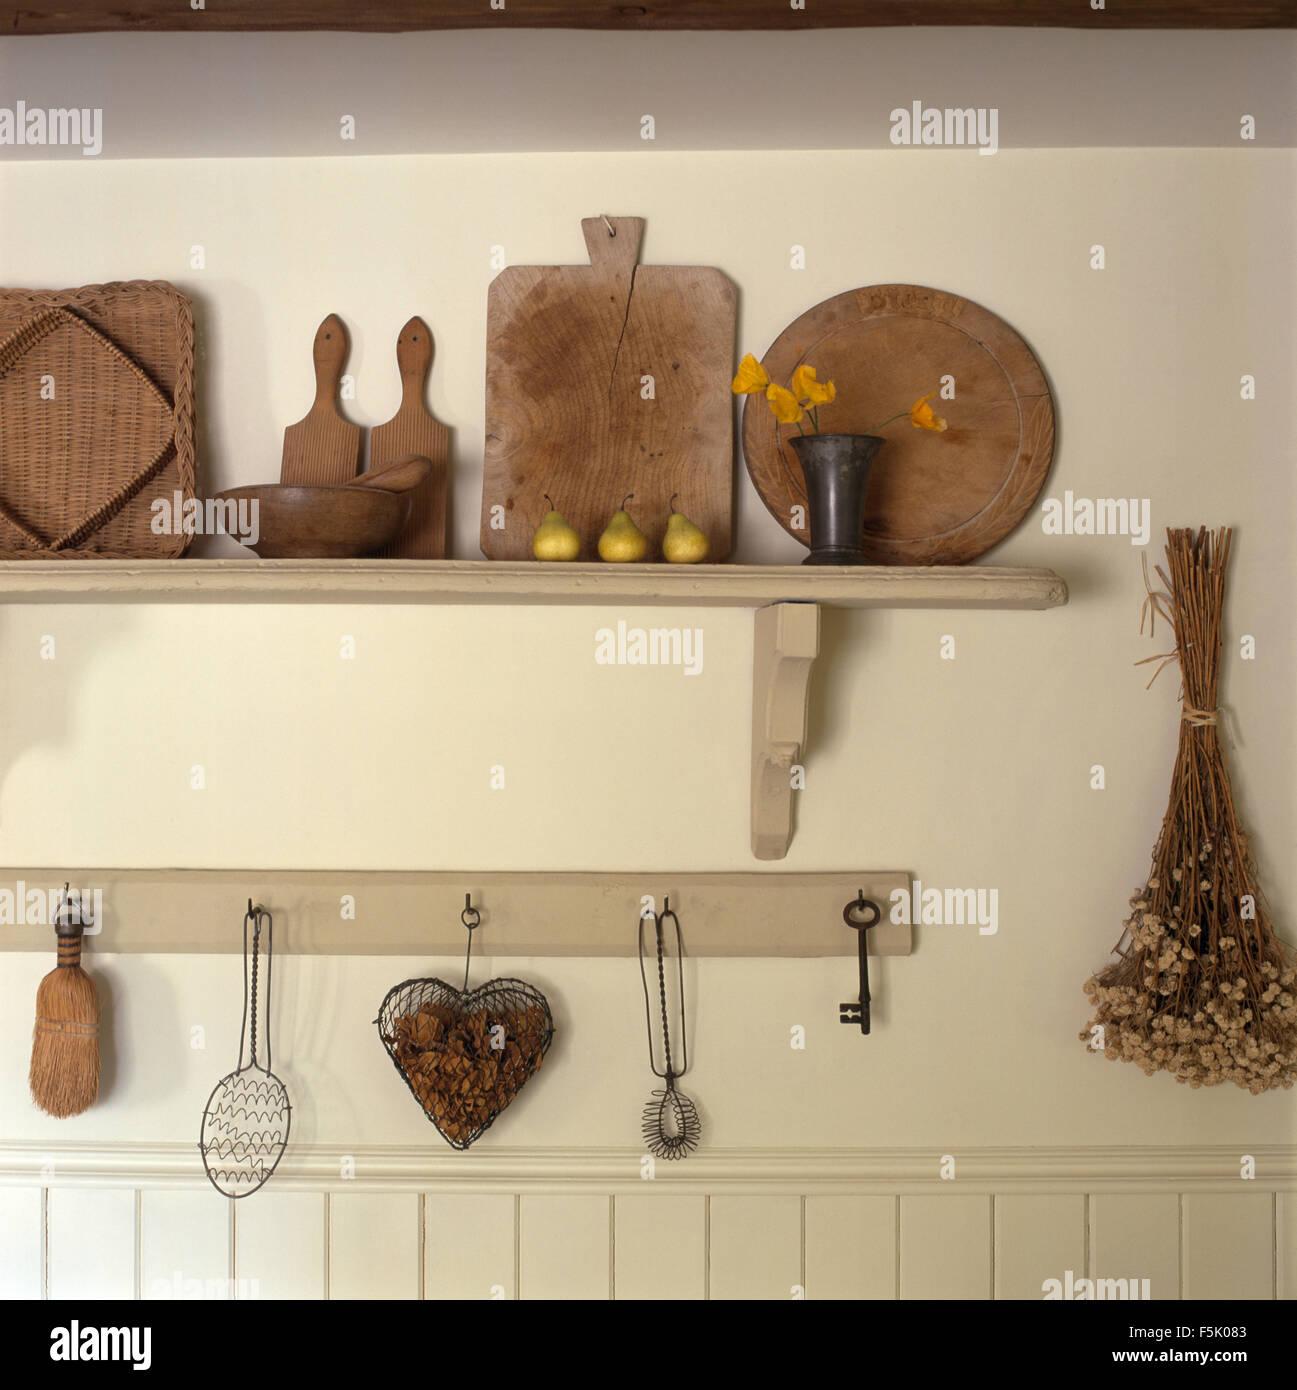 wooden breadboards on simple shelves in shaker style kitchen stock rh alamy com white shaker style shelves